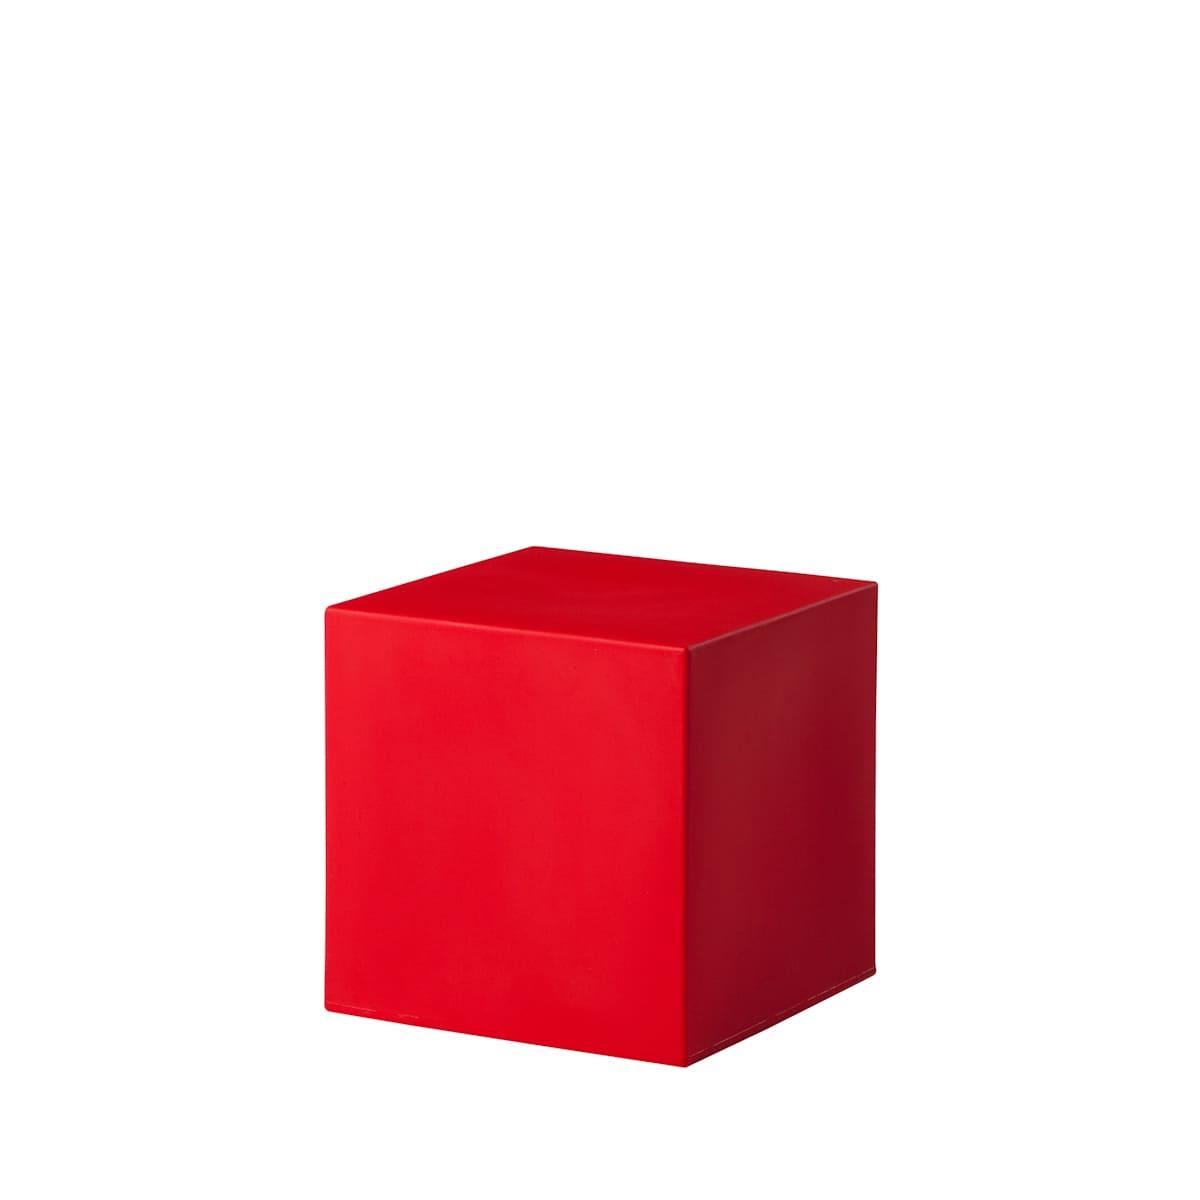 rote cube würfel 16 Bunte Wuerfel Outdoor - Cube Würfel beleuchtet